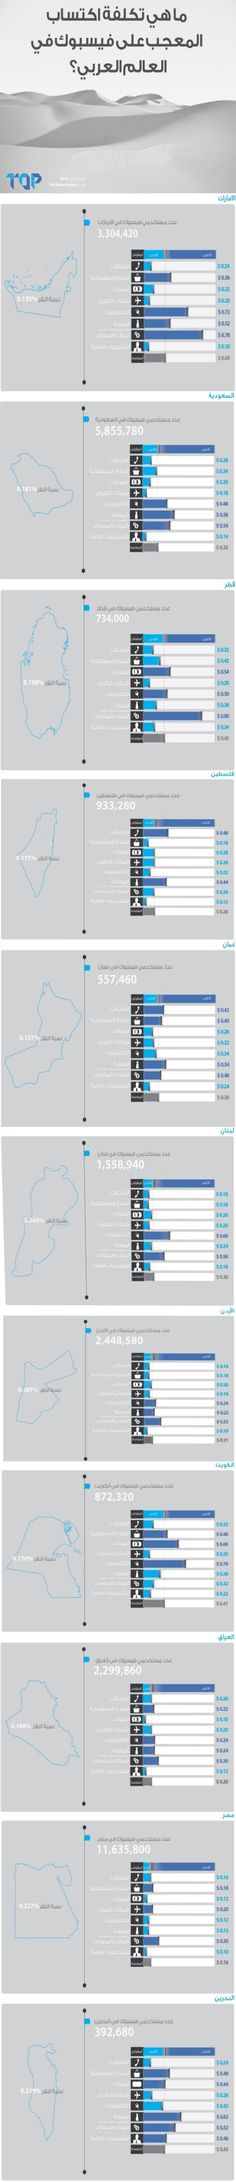 انفوغراف : تكلفة اكتساب المعجب الواحد على صفحة فيس بوك في العالم العربي